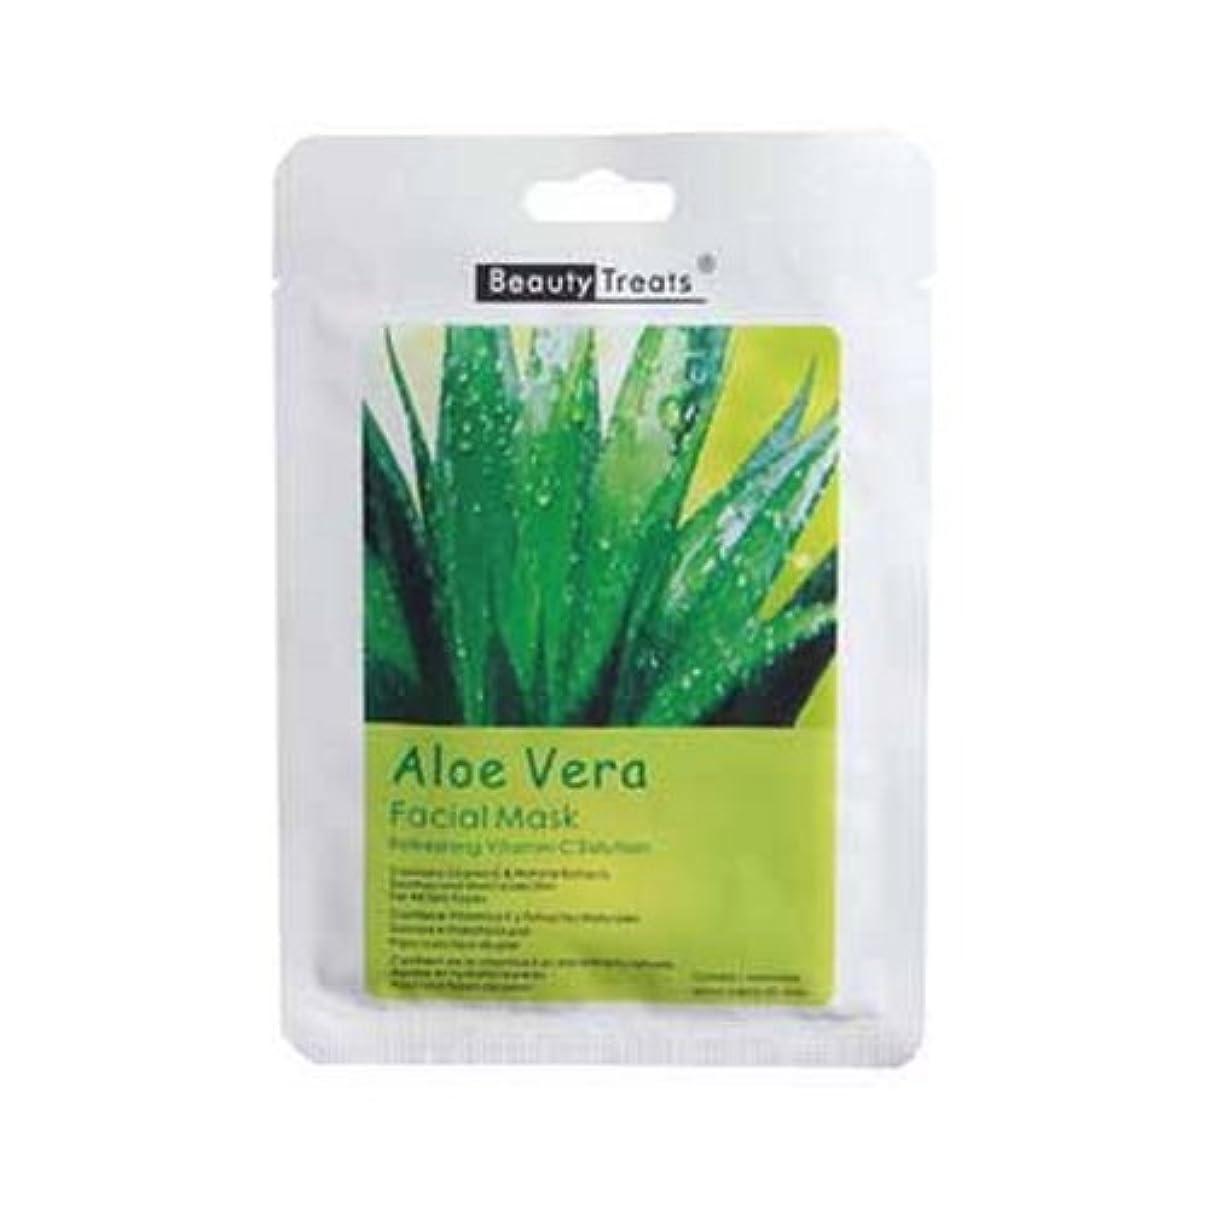 薄暗い放棄された隔離(3 Pack) BEAUTY TREATS Facial Mask Refreshing Vitamin C Solution - Aloe Vera (並行輸入品)